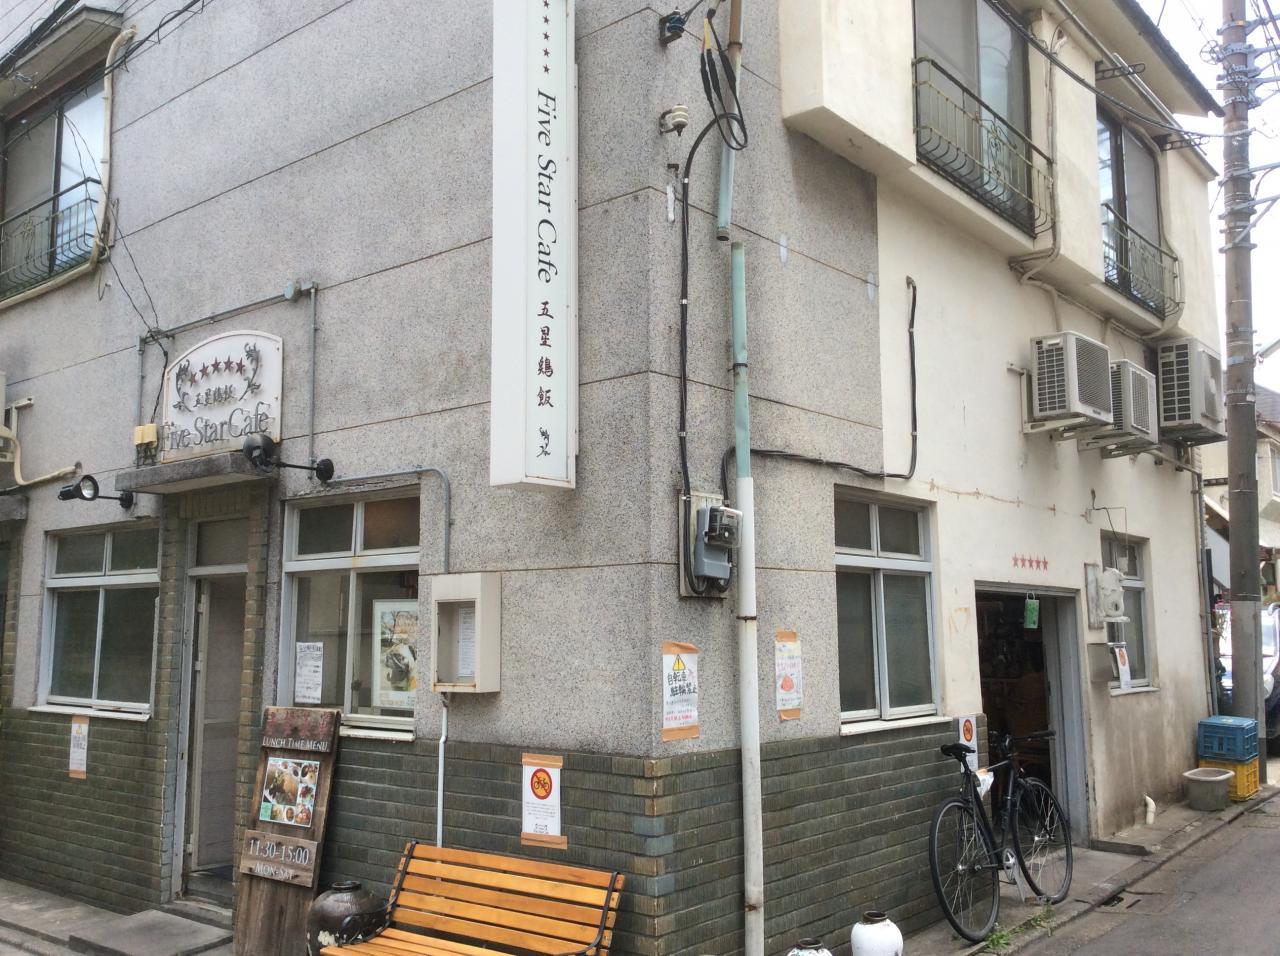 ファイブスターカフェ(店舗外観)